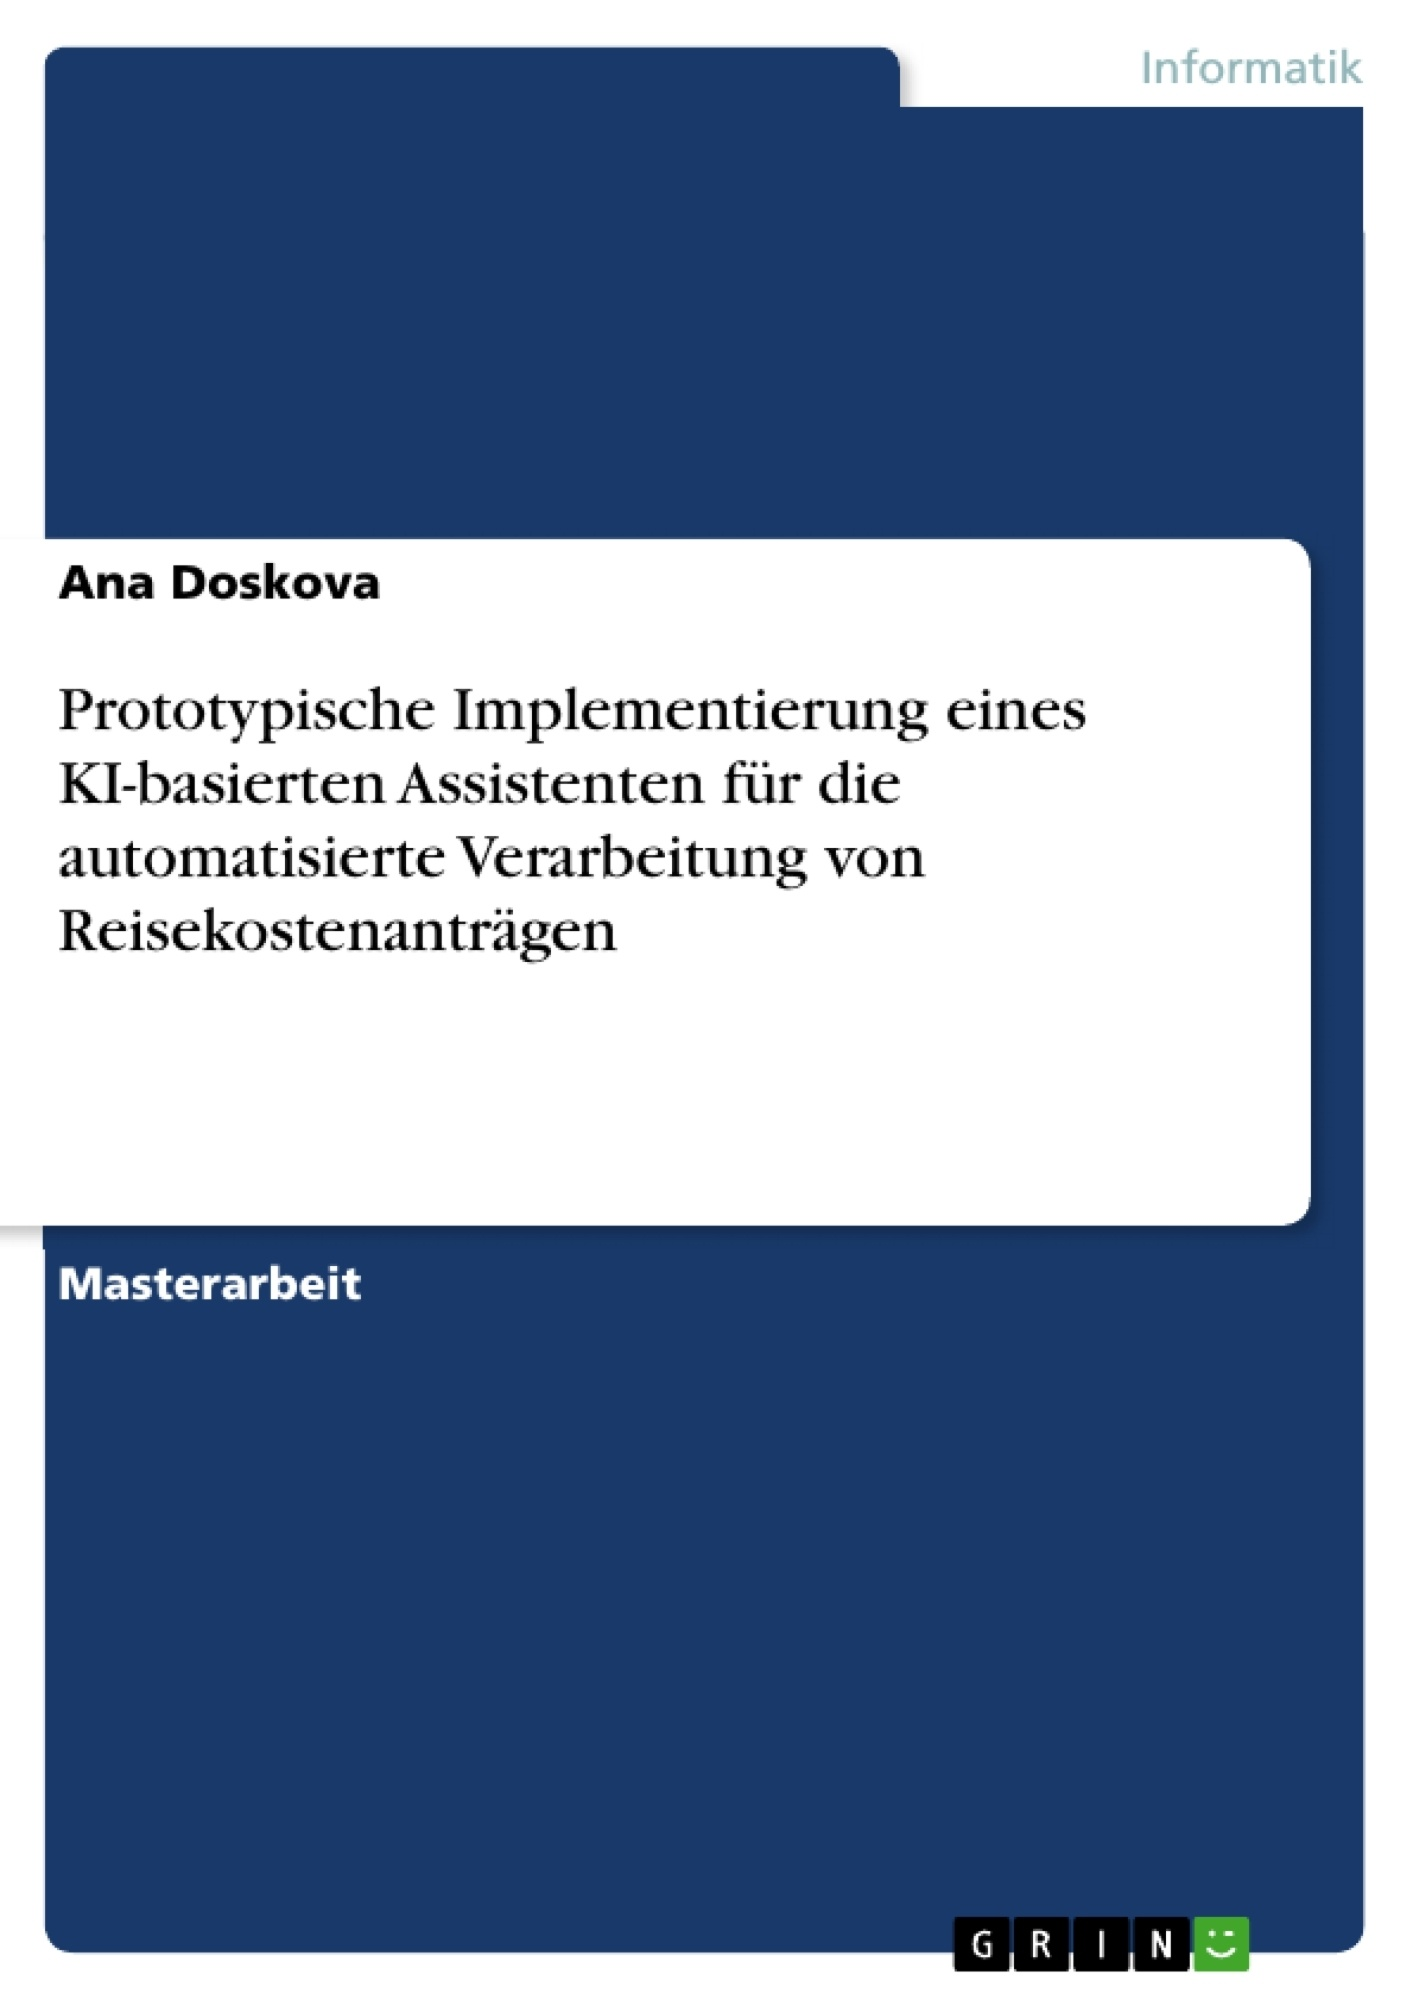 Titel: Prototypische Implementierung eines KI-basierten Assistenten für die automatisierte Verarbeitung von Reisekostenanträgen